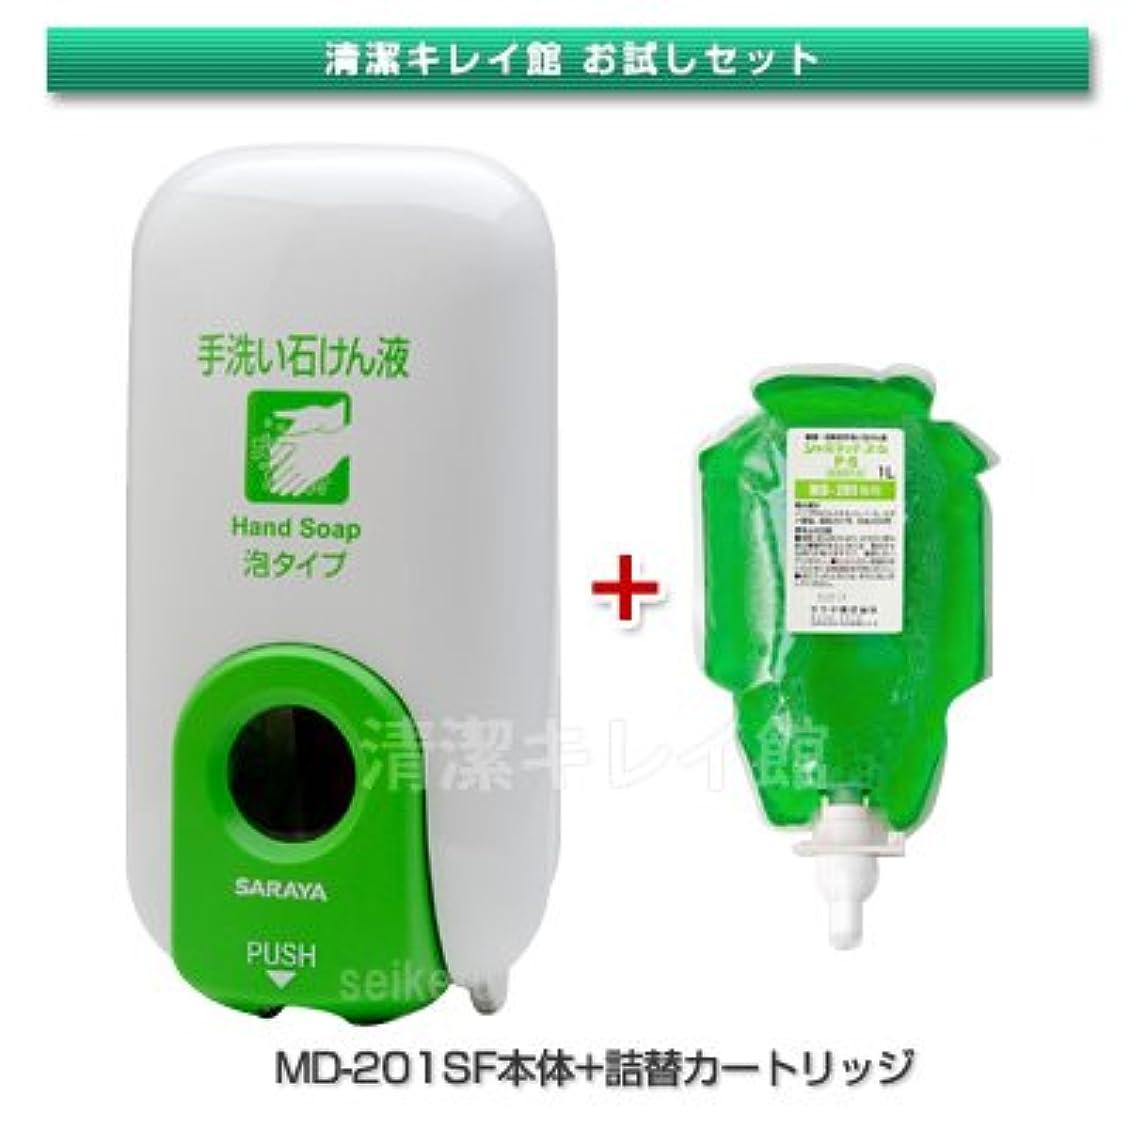 アヒル取り替える伝染病サラヤ プッシュ式石鹸液 MD-201SF(泡)【清潔キレイ館お試しセット】(本体とカートリッジ/ユムP-5)